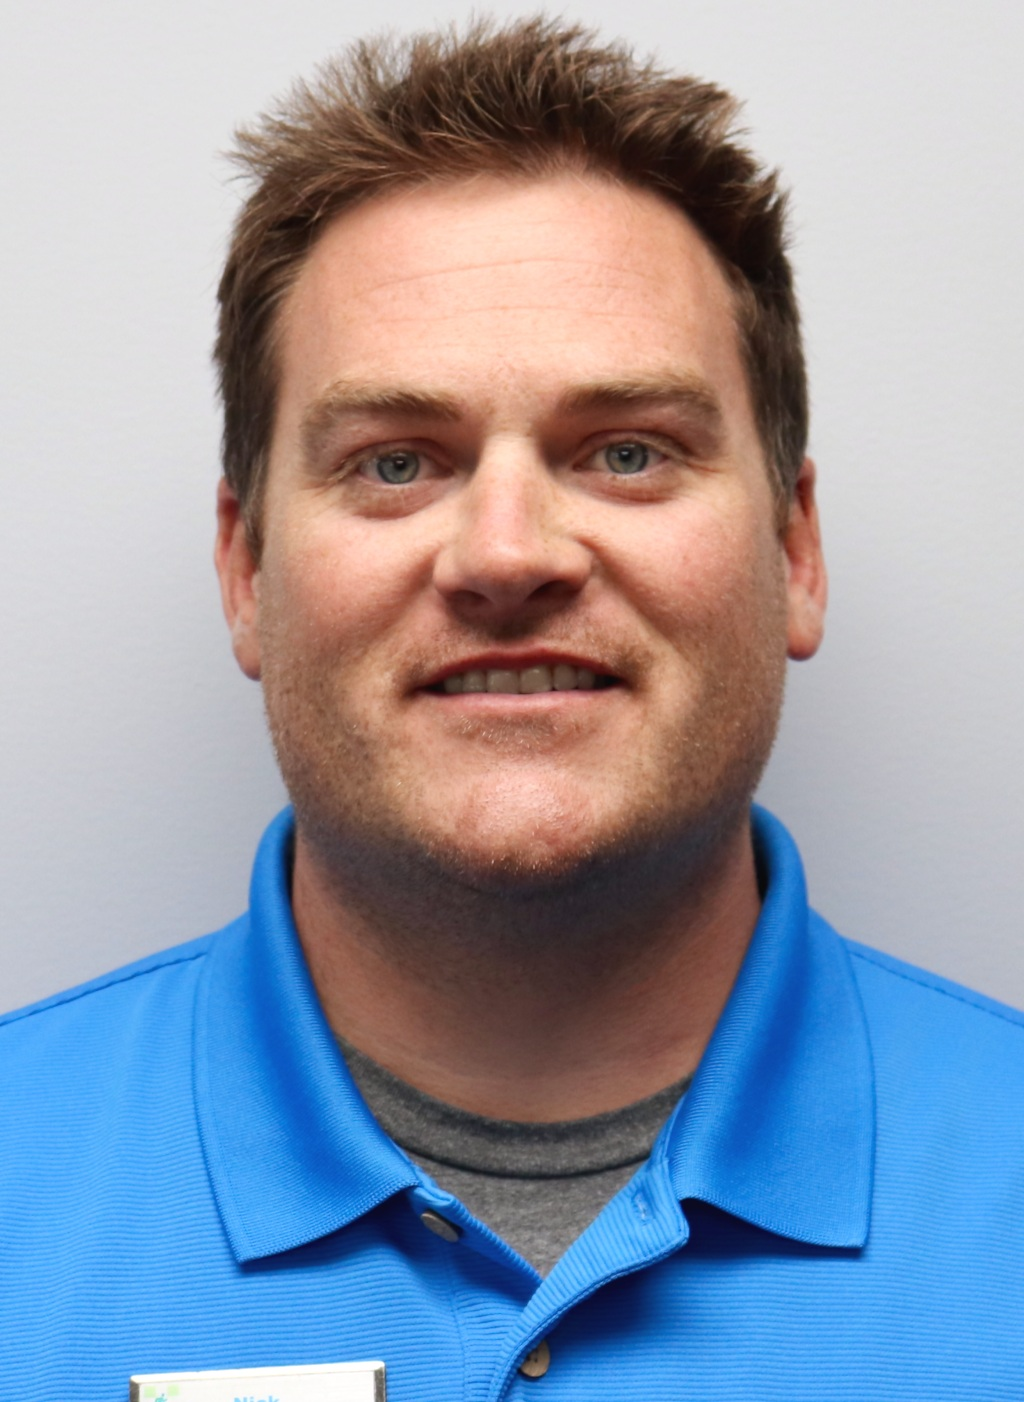 Nick Van Bogelen - CSCS, AT, ATC